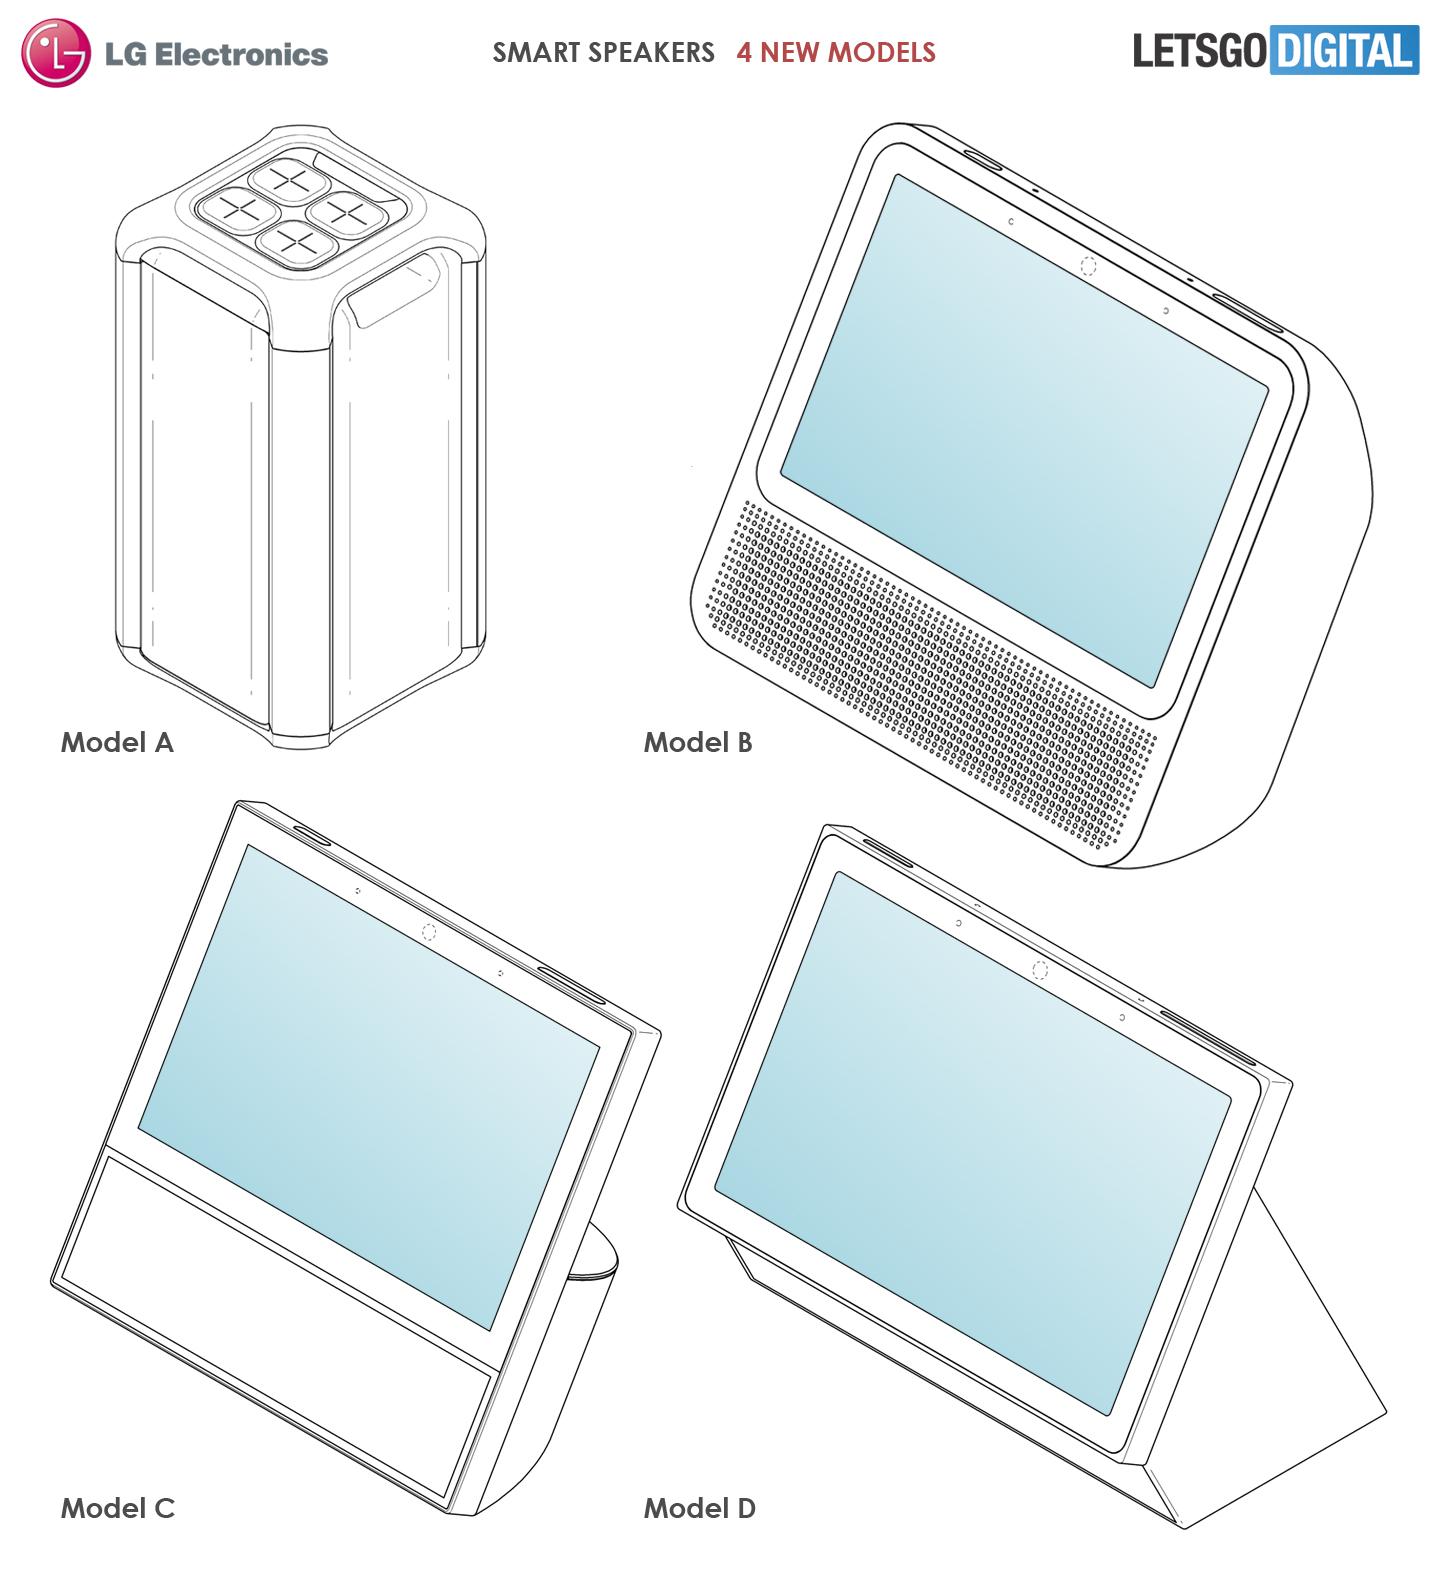 Nieuwe smart speakers